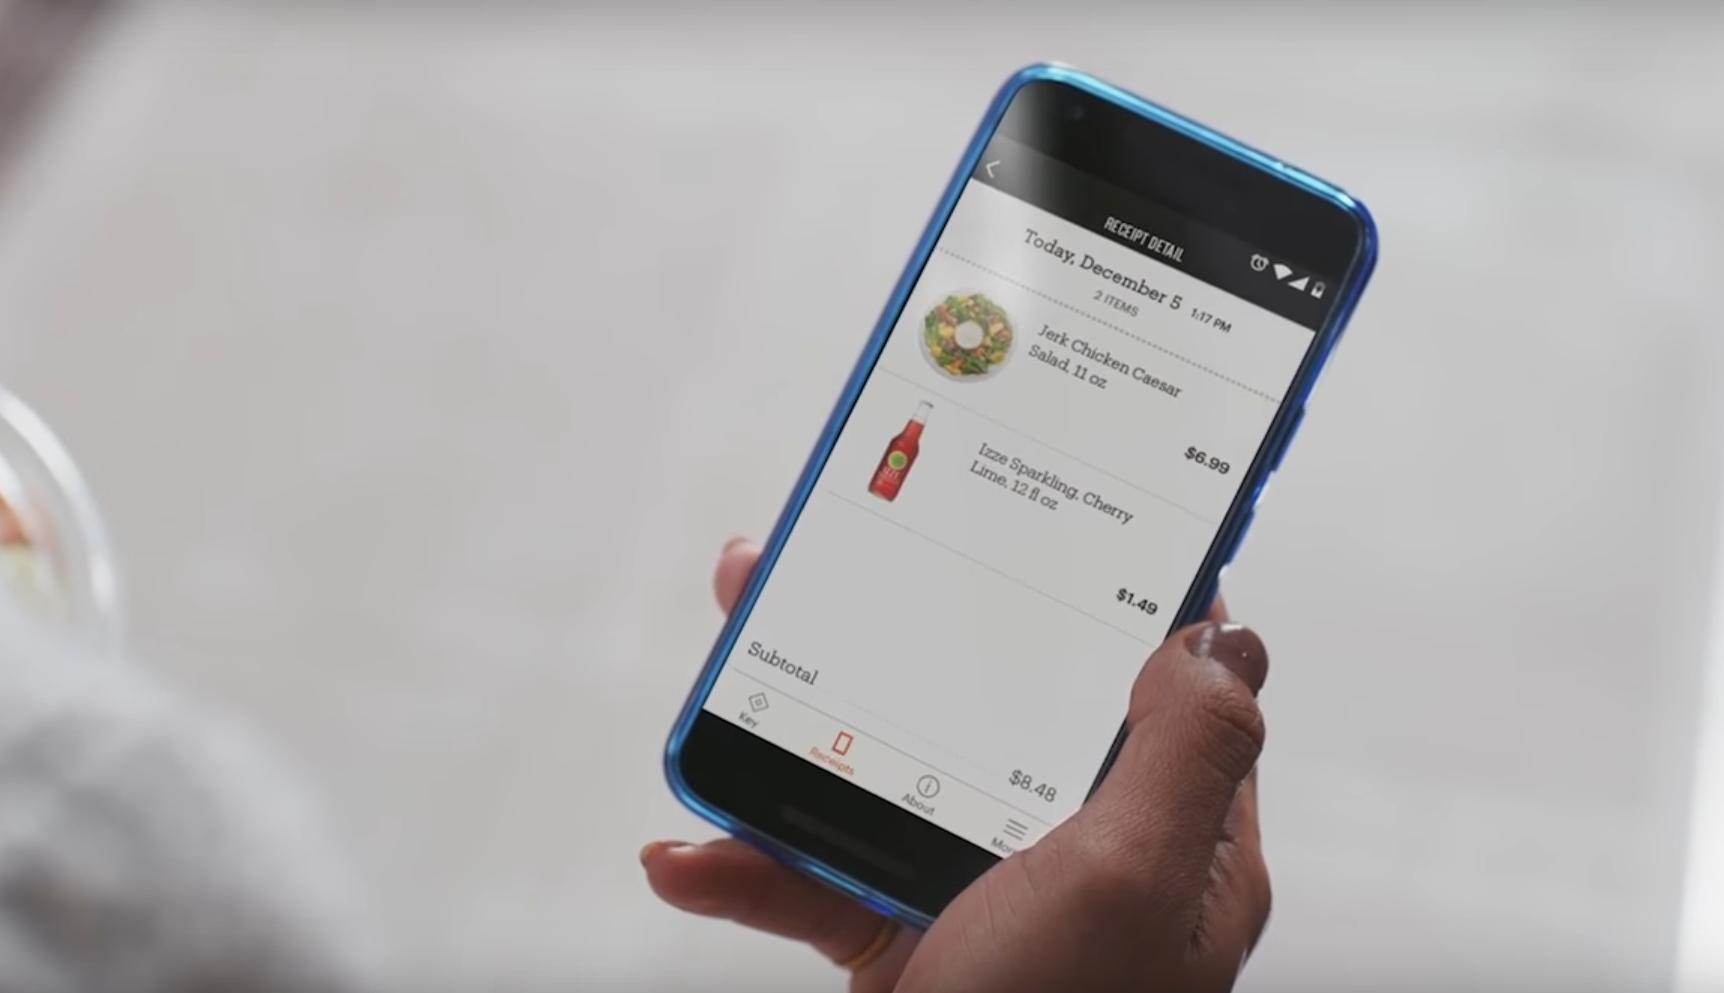 Appen holder kontroll på hva du har handlet i en virtuell handlevogn, og belaster deg automatisk via Amazon-kontoen. Bilde: Amazon